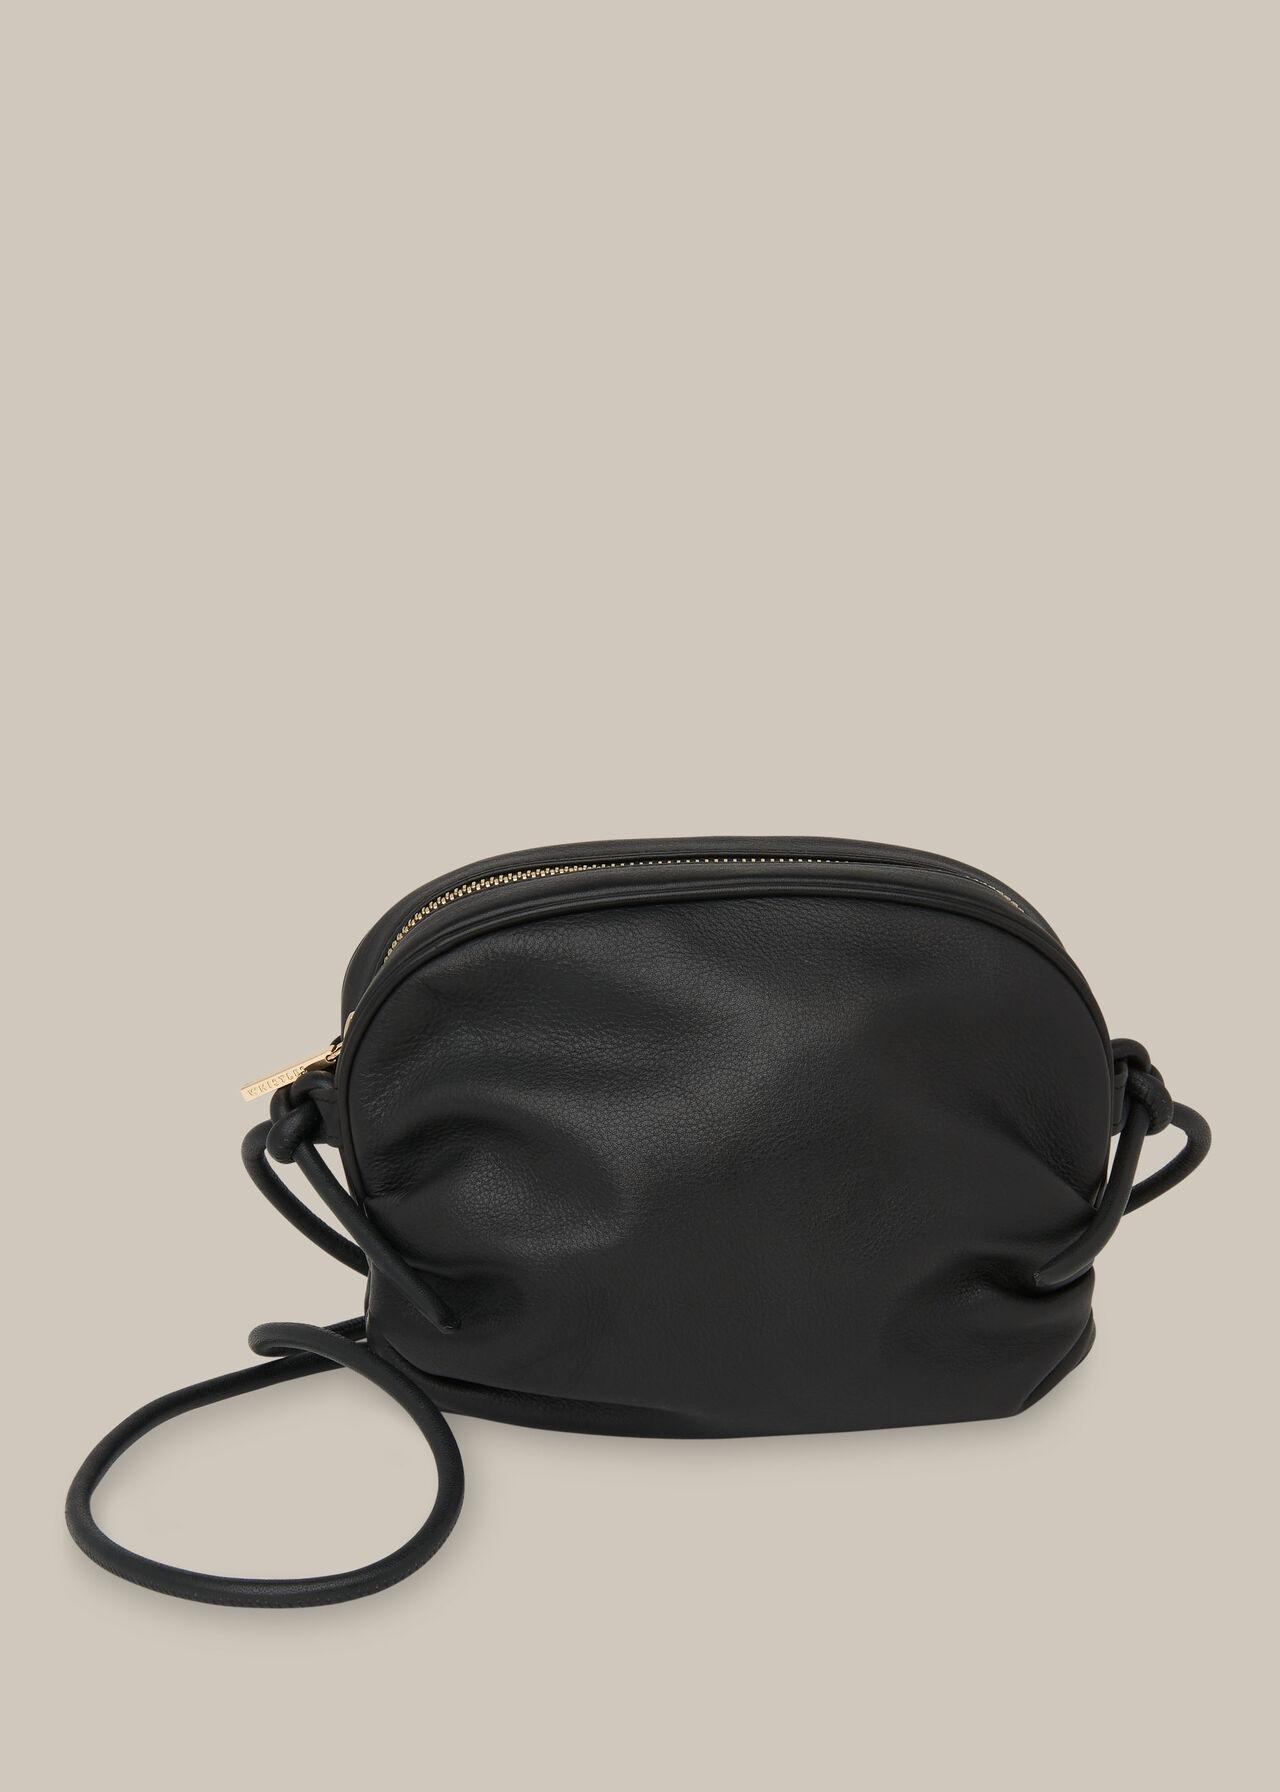 Riya Gathered Bag Black